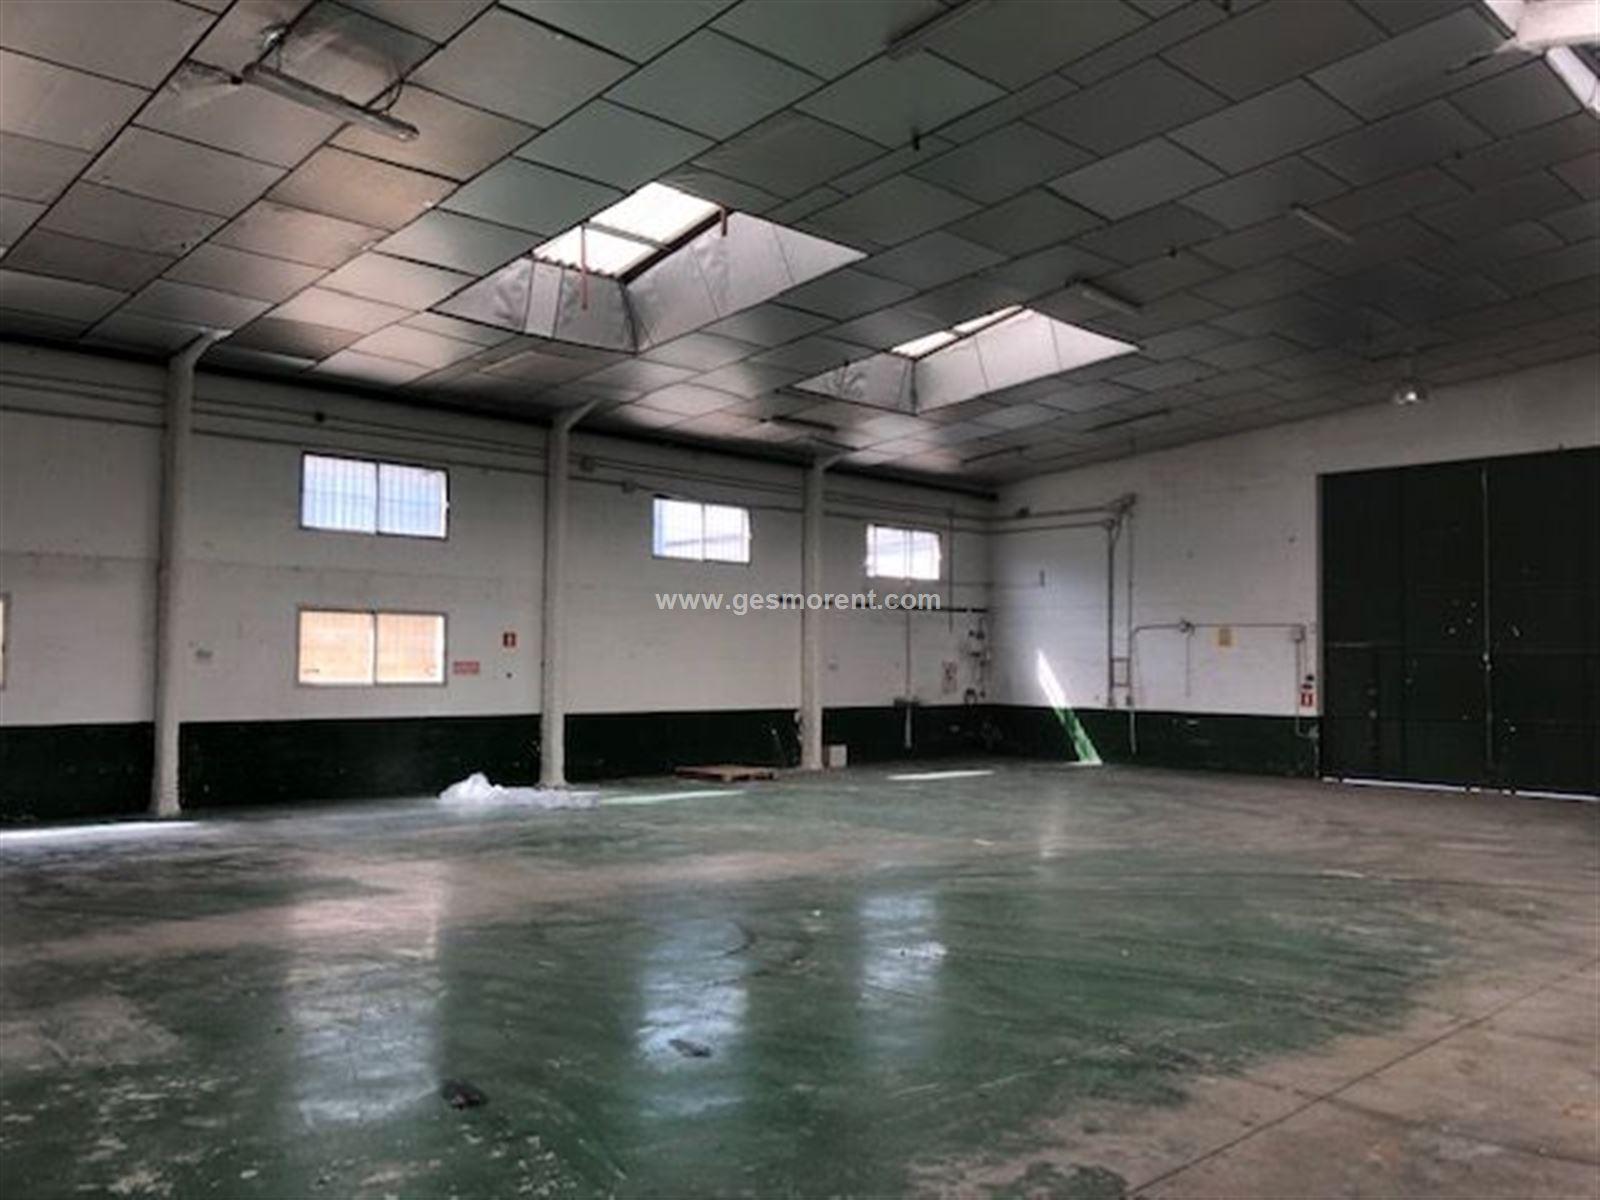 Alquiler Nave industrial  Palma de mallorca - polígono son castello. Alquiler de nave con exposición y oficinas